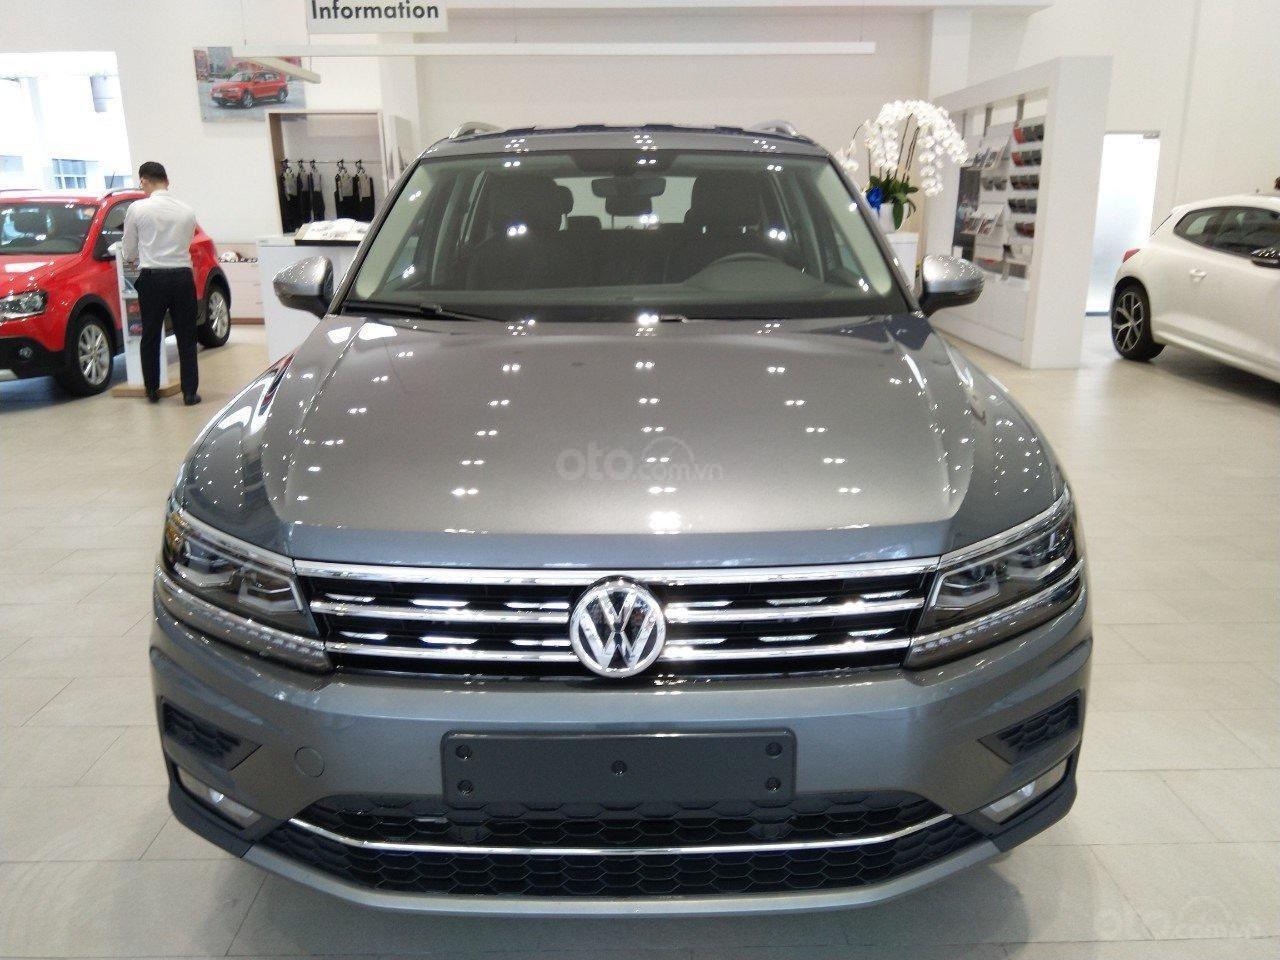 Bán Volkswagen Tiguan All Space nhập khẩu 2019 nhiều ưu đãi-4